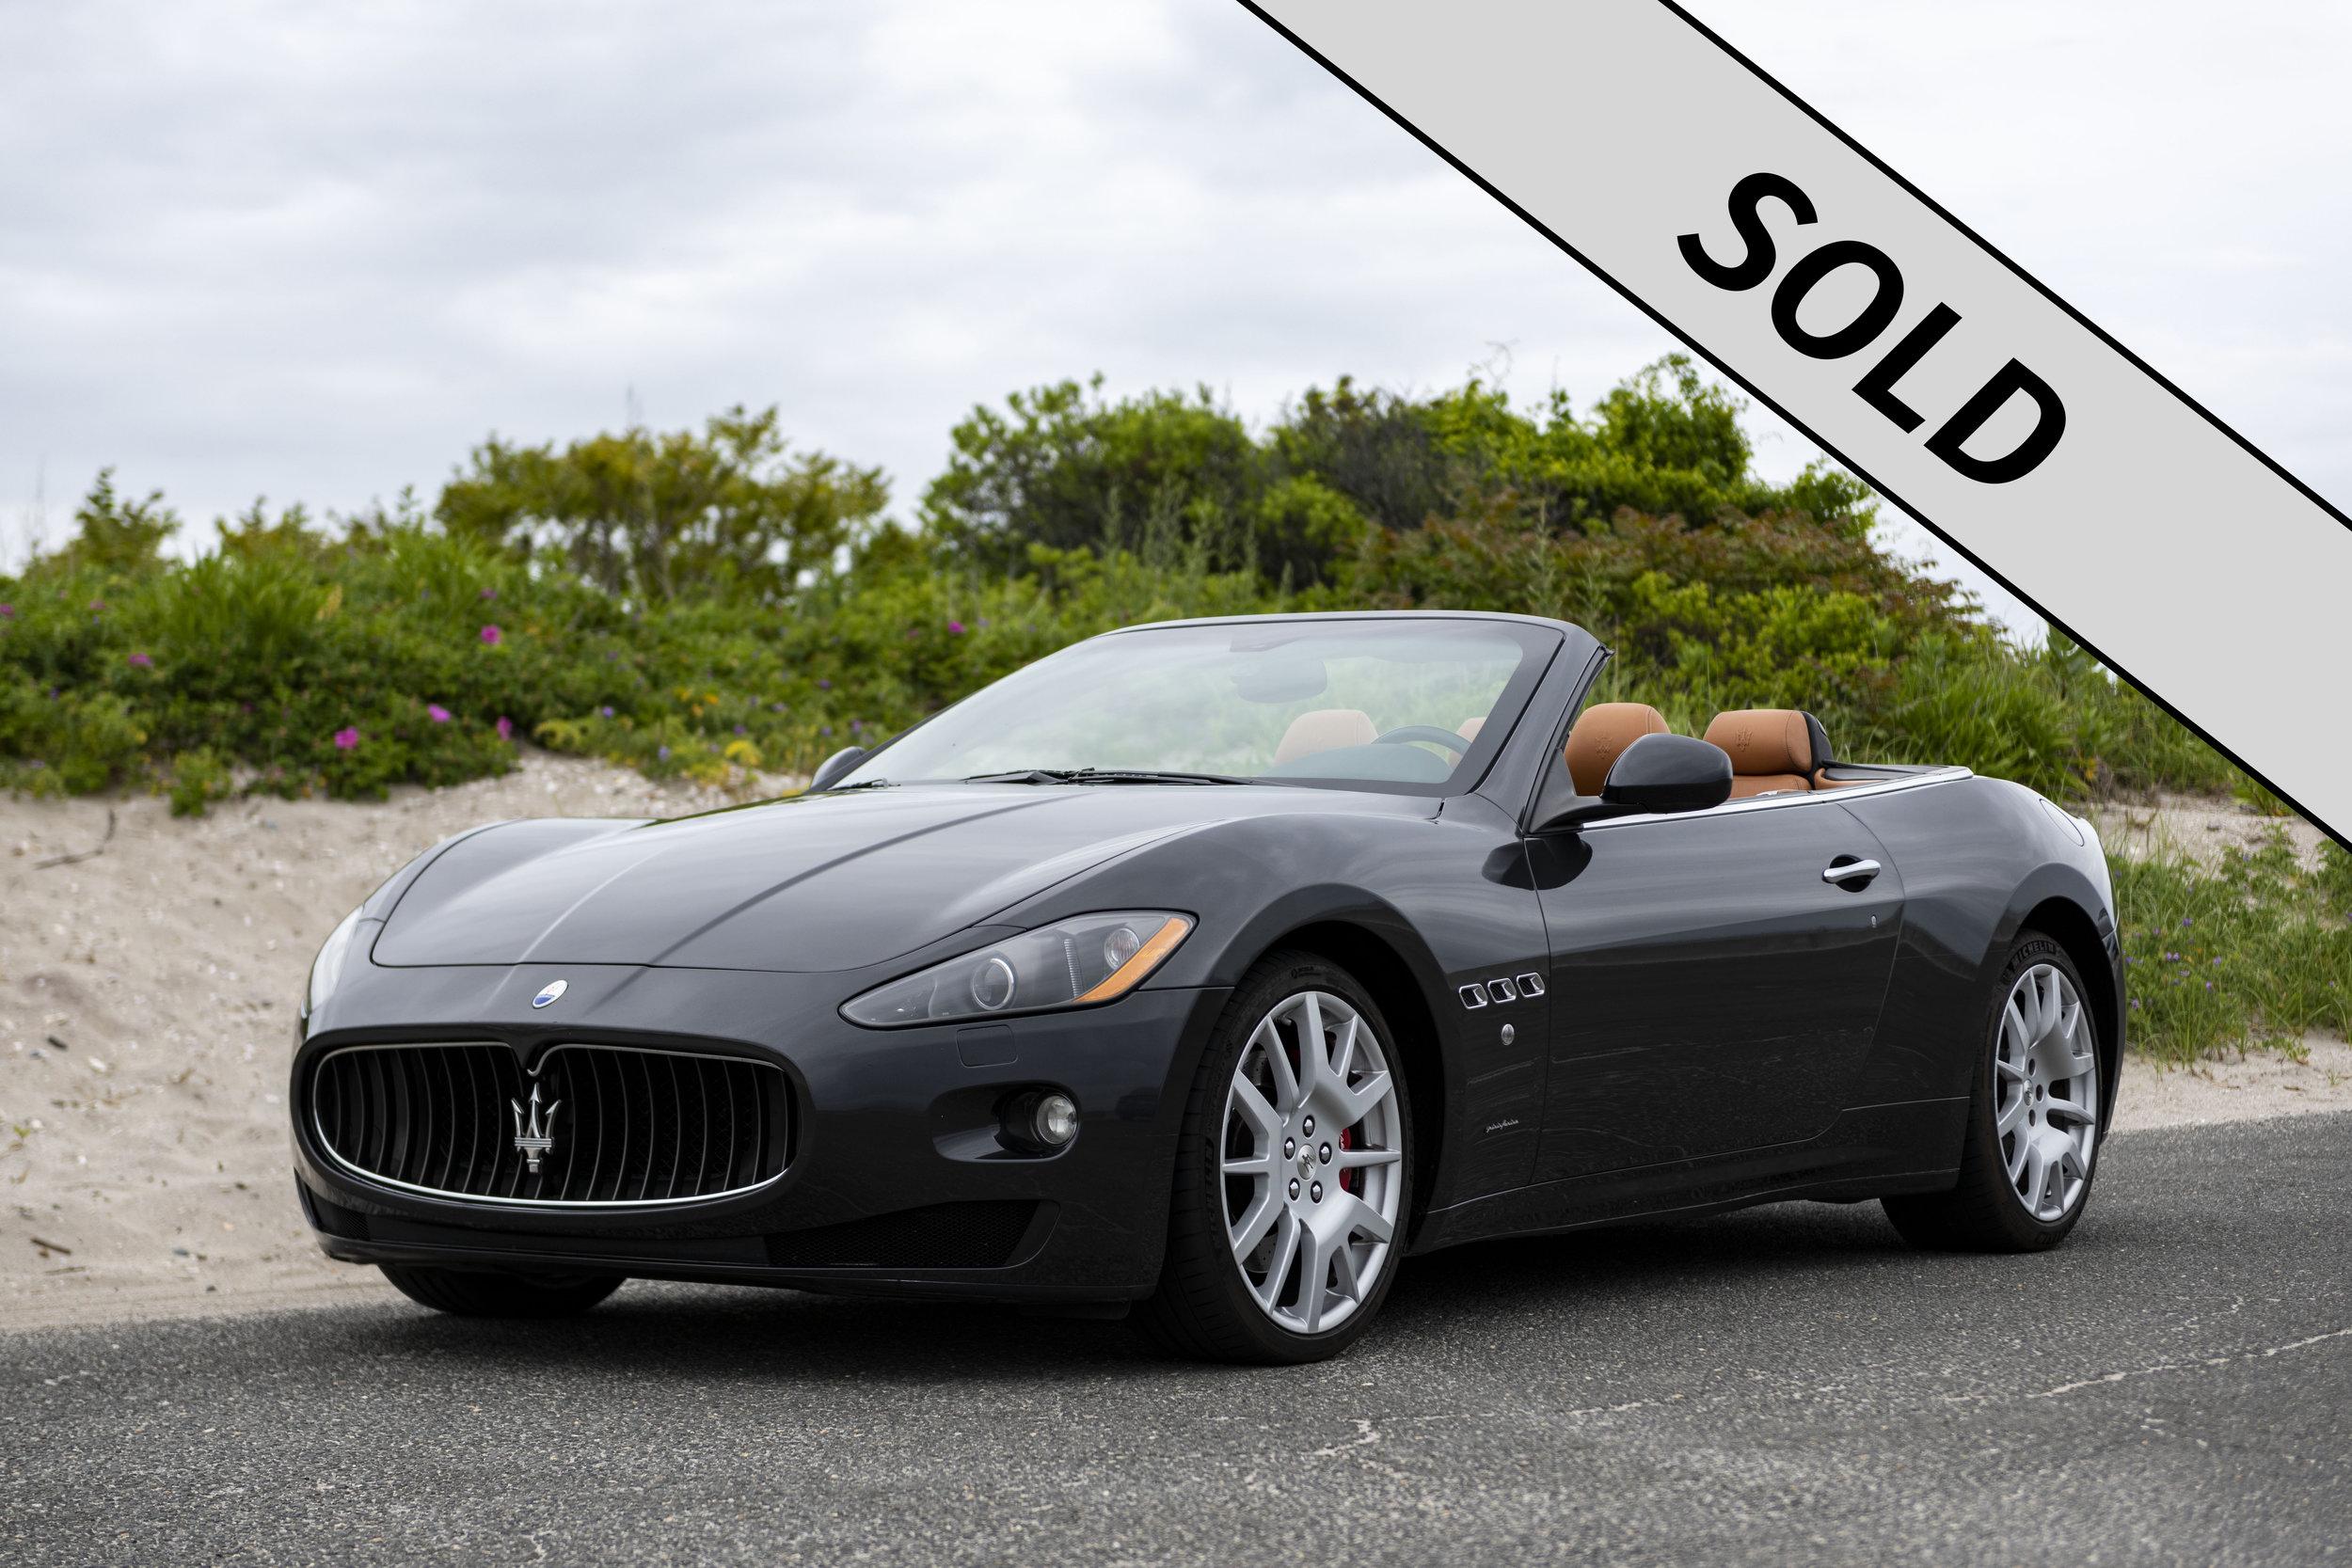 2010 Maserati GranTurismo S C SOLD.jpg